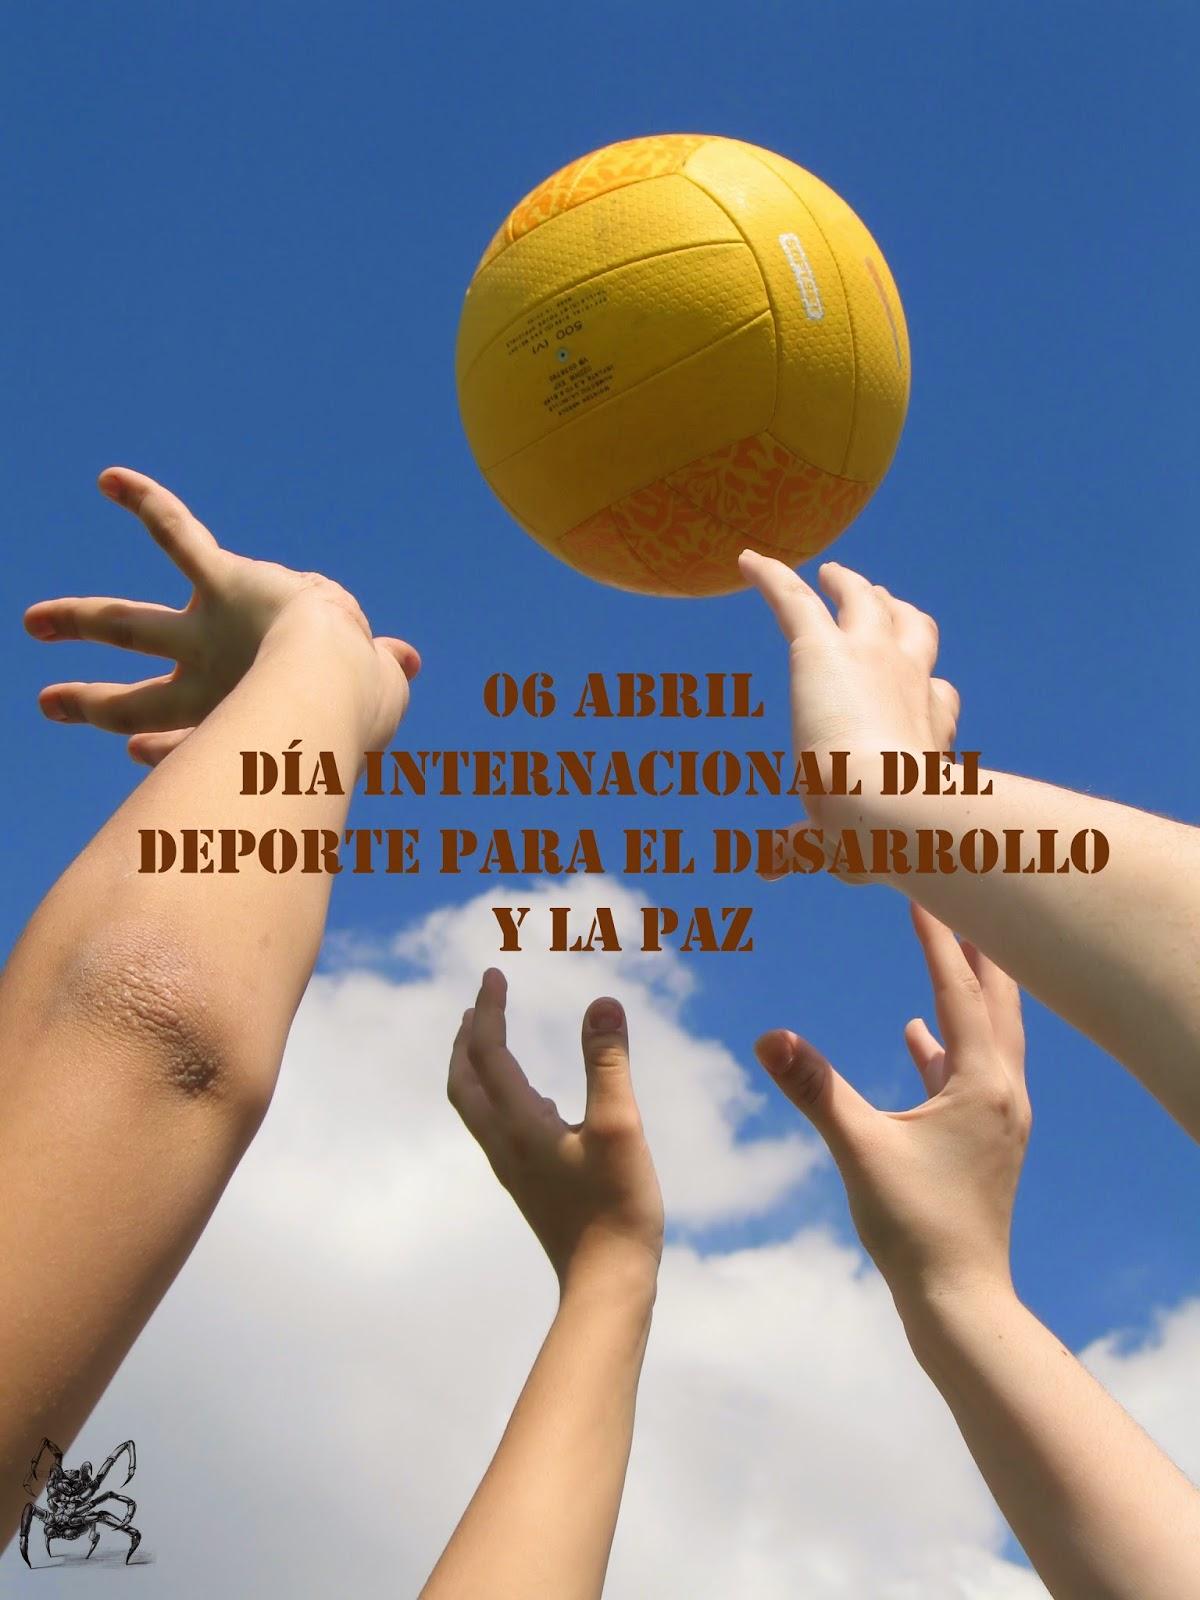 El 6 de abril es el día internacional del deporte para el desarrollo y la paz